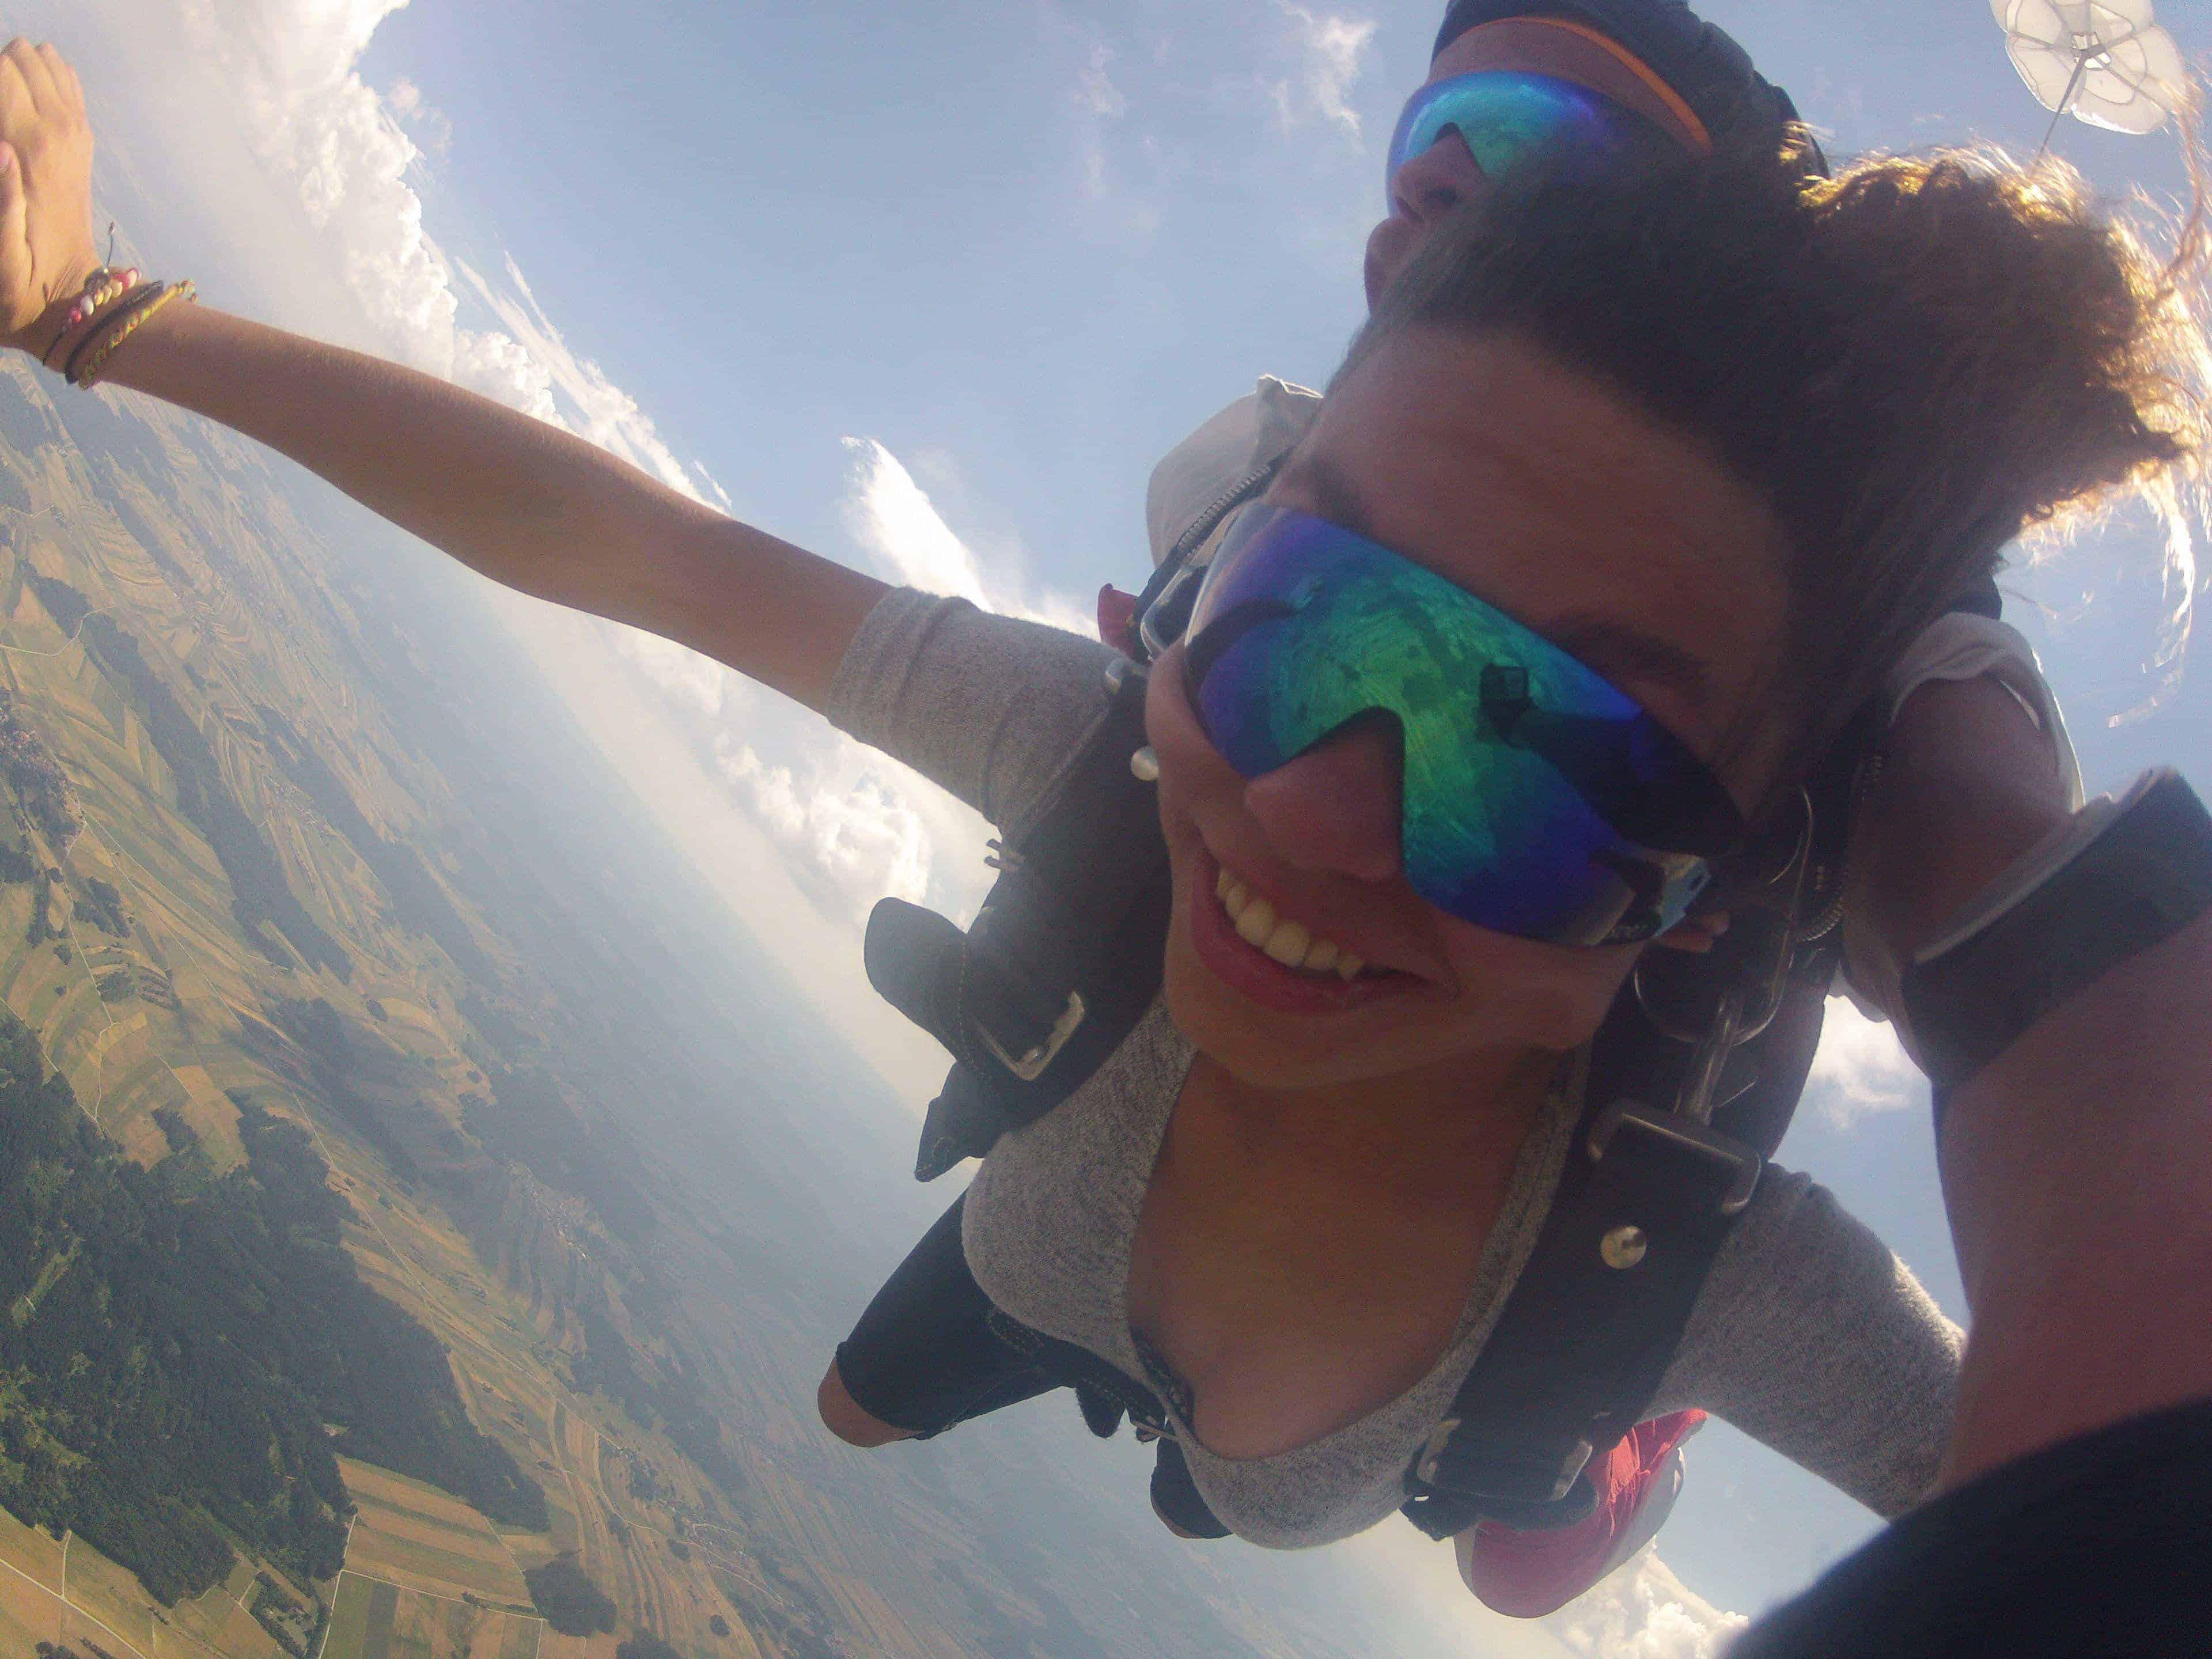 Fallschirmspringen Bayern Tandemsprung